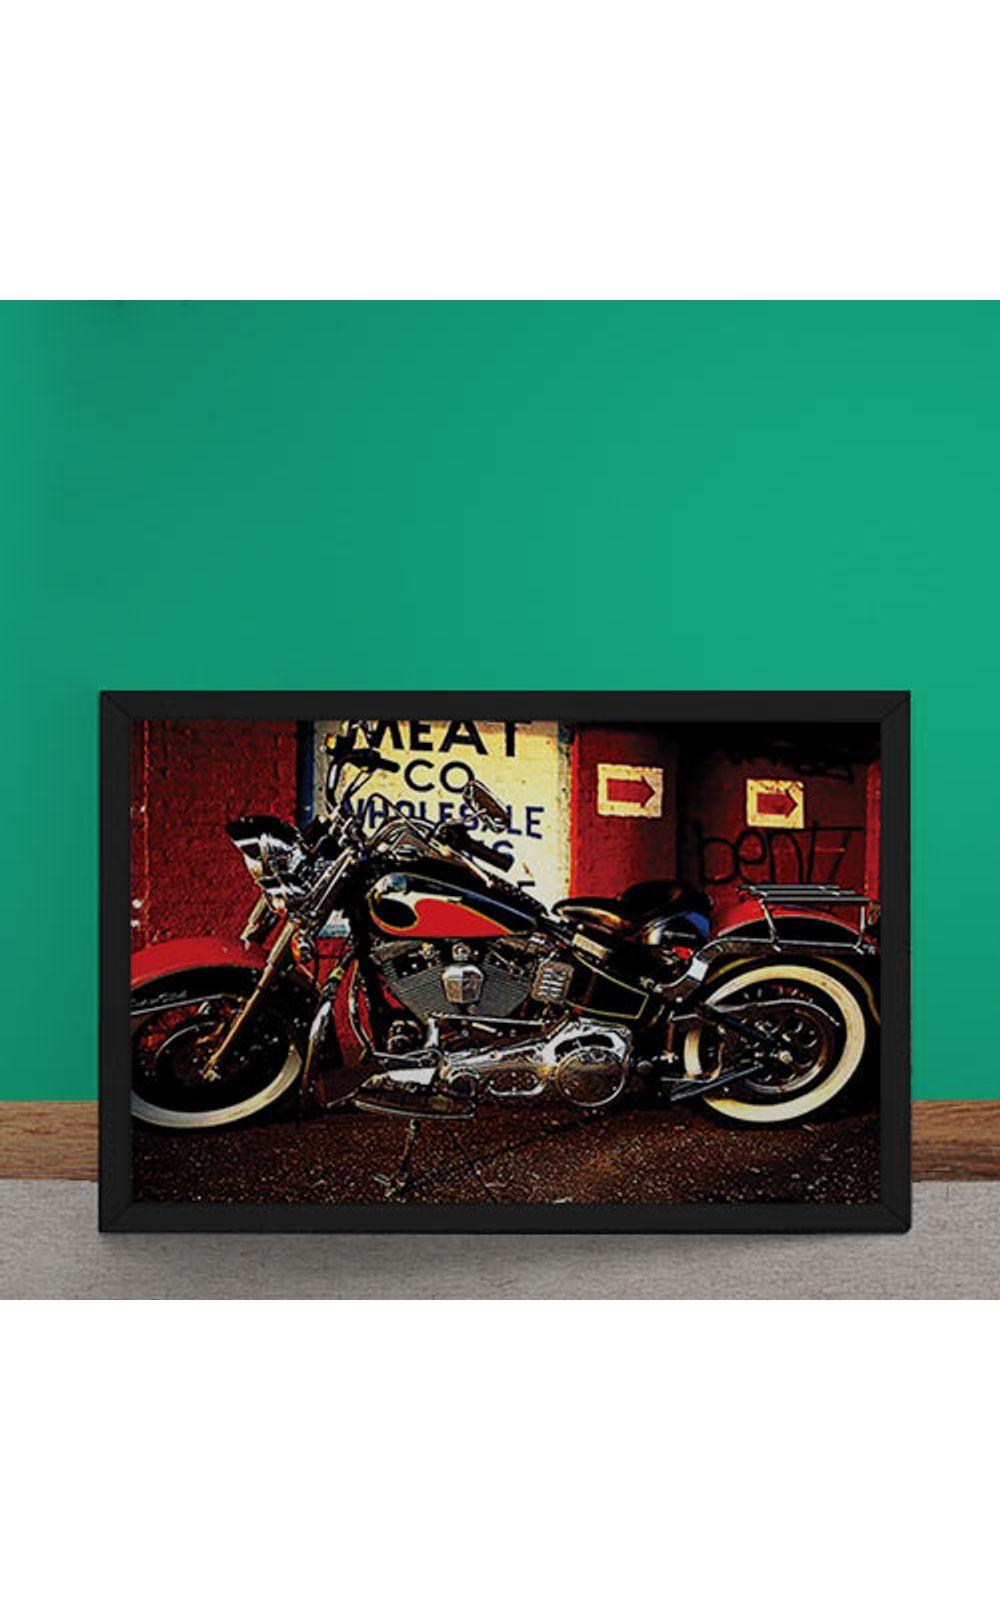 Foto 2 - Quadro Decorativo Moto Custom Vermelha